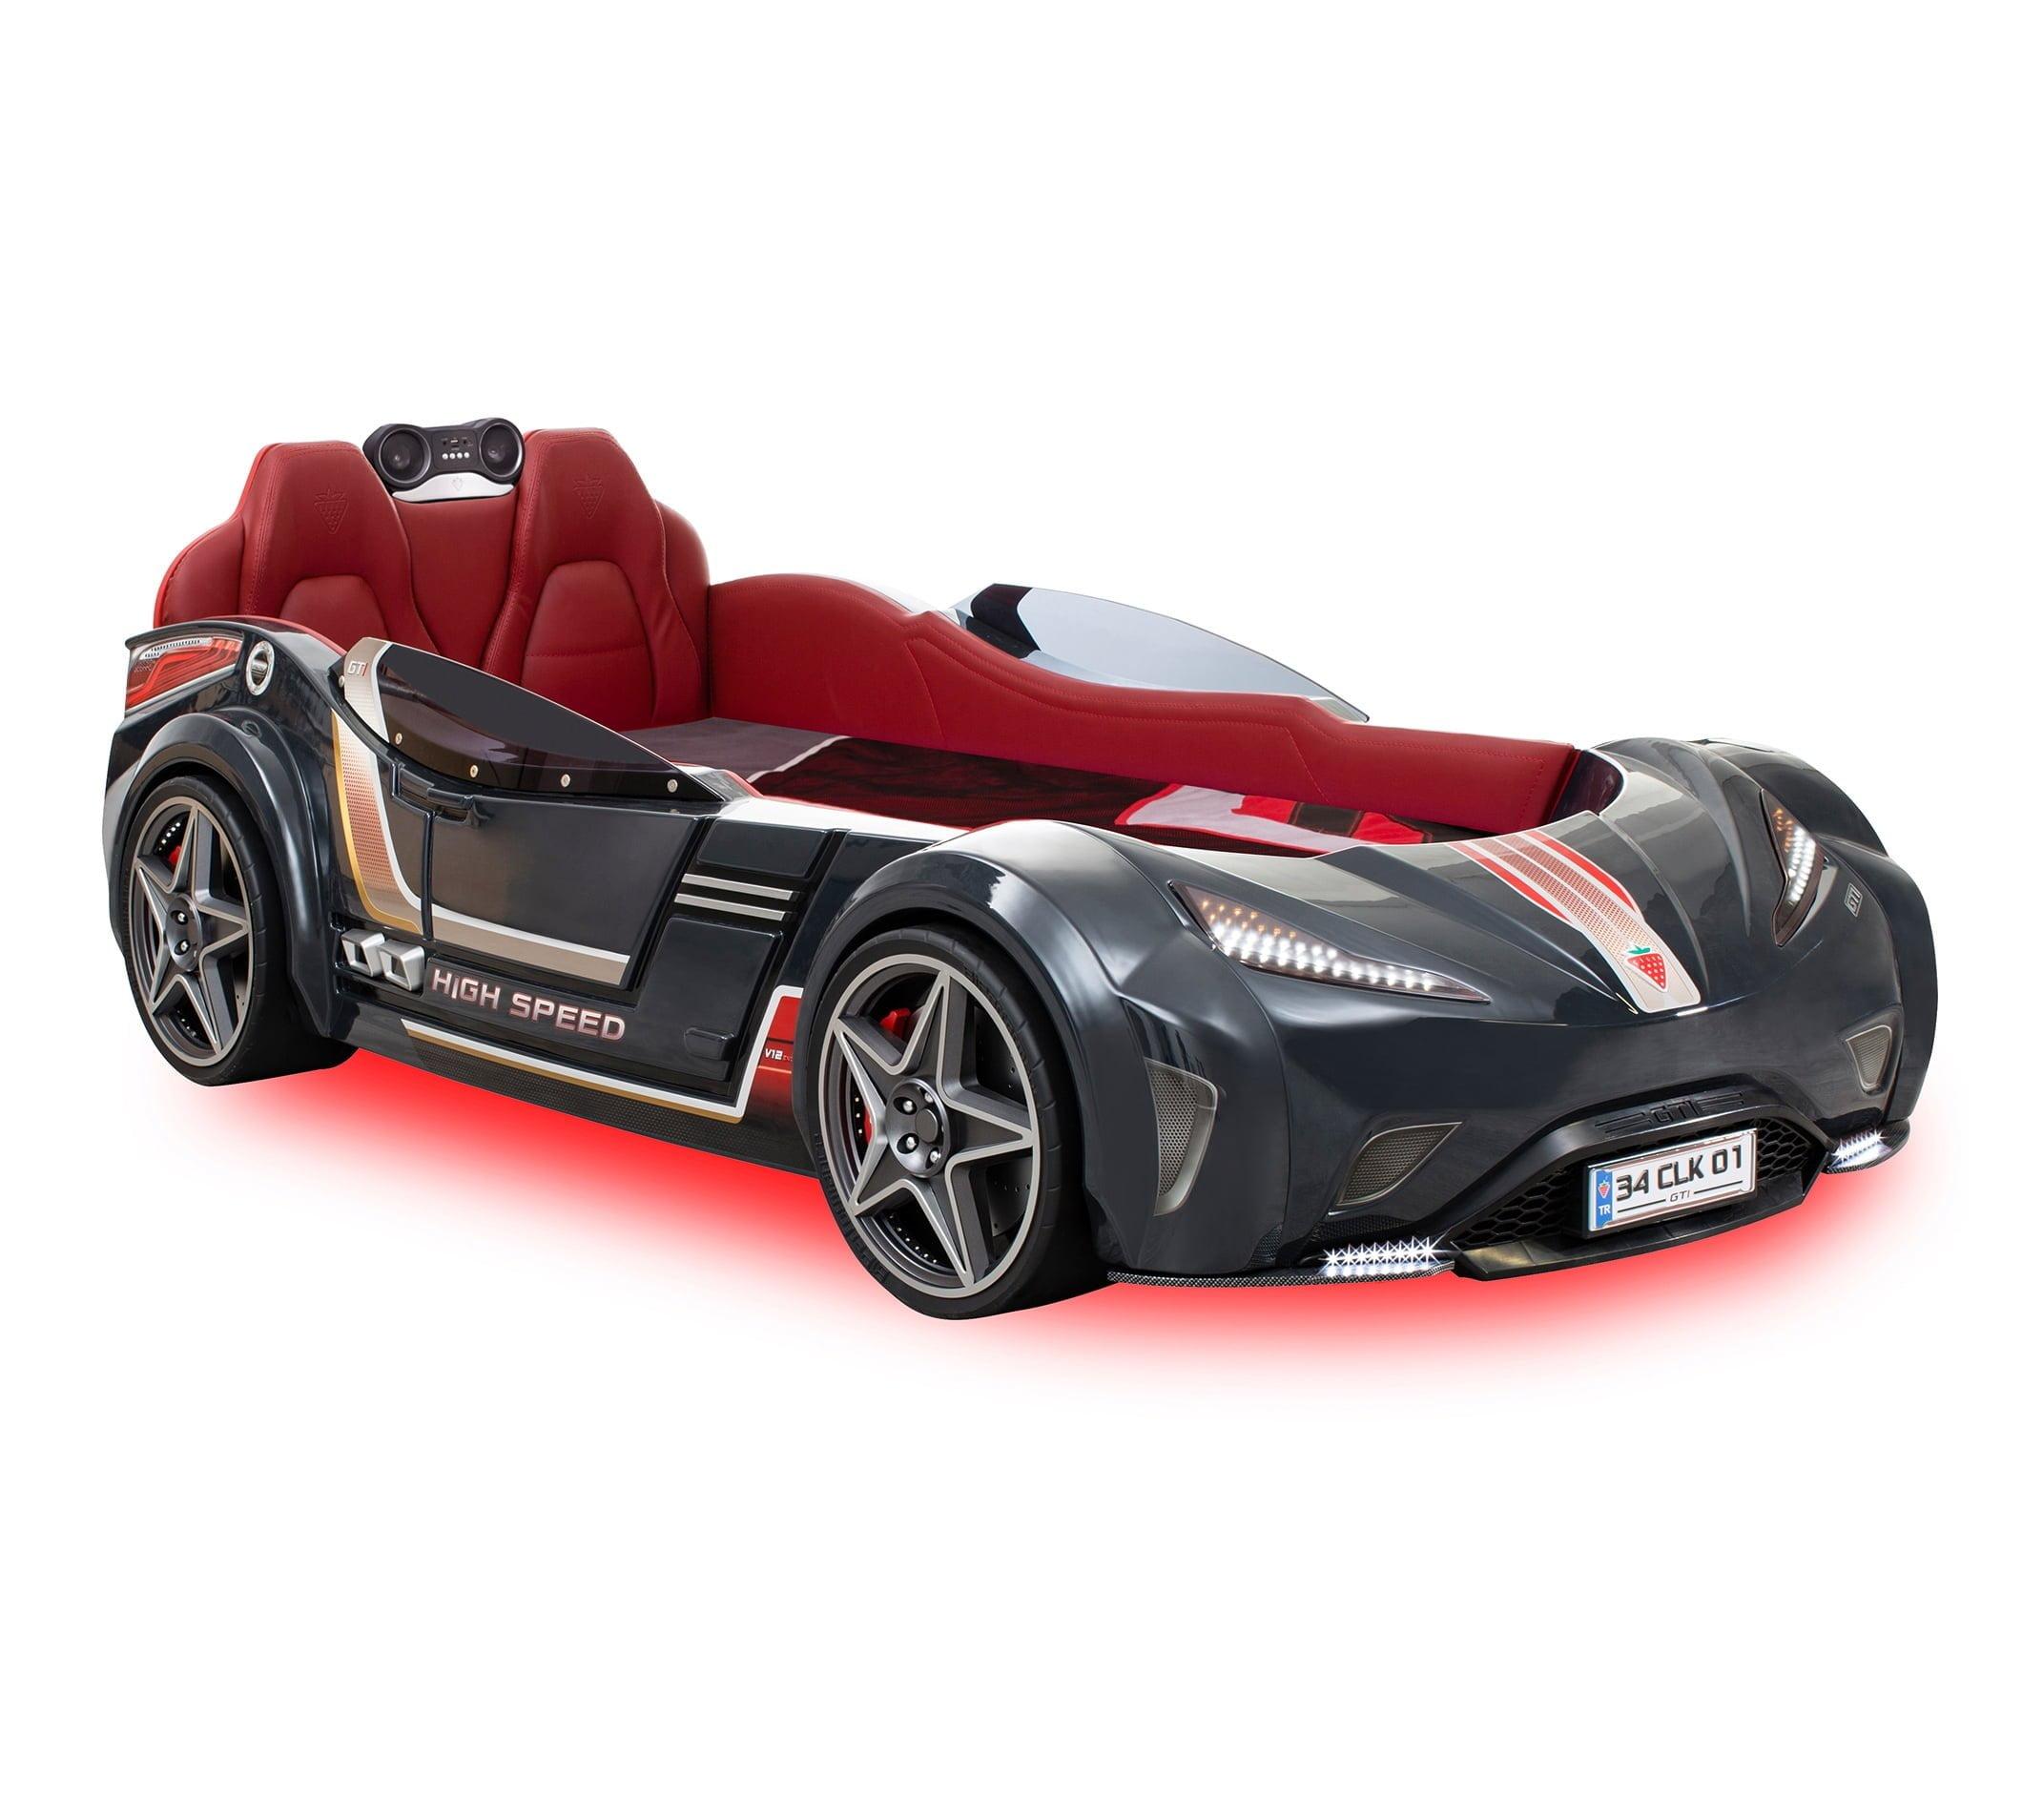 cilek-mobilya-gti-araba-karyola-siyah Çilek mobilya araba karyola modelleri